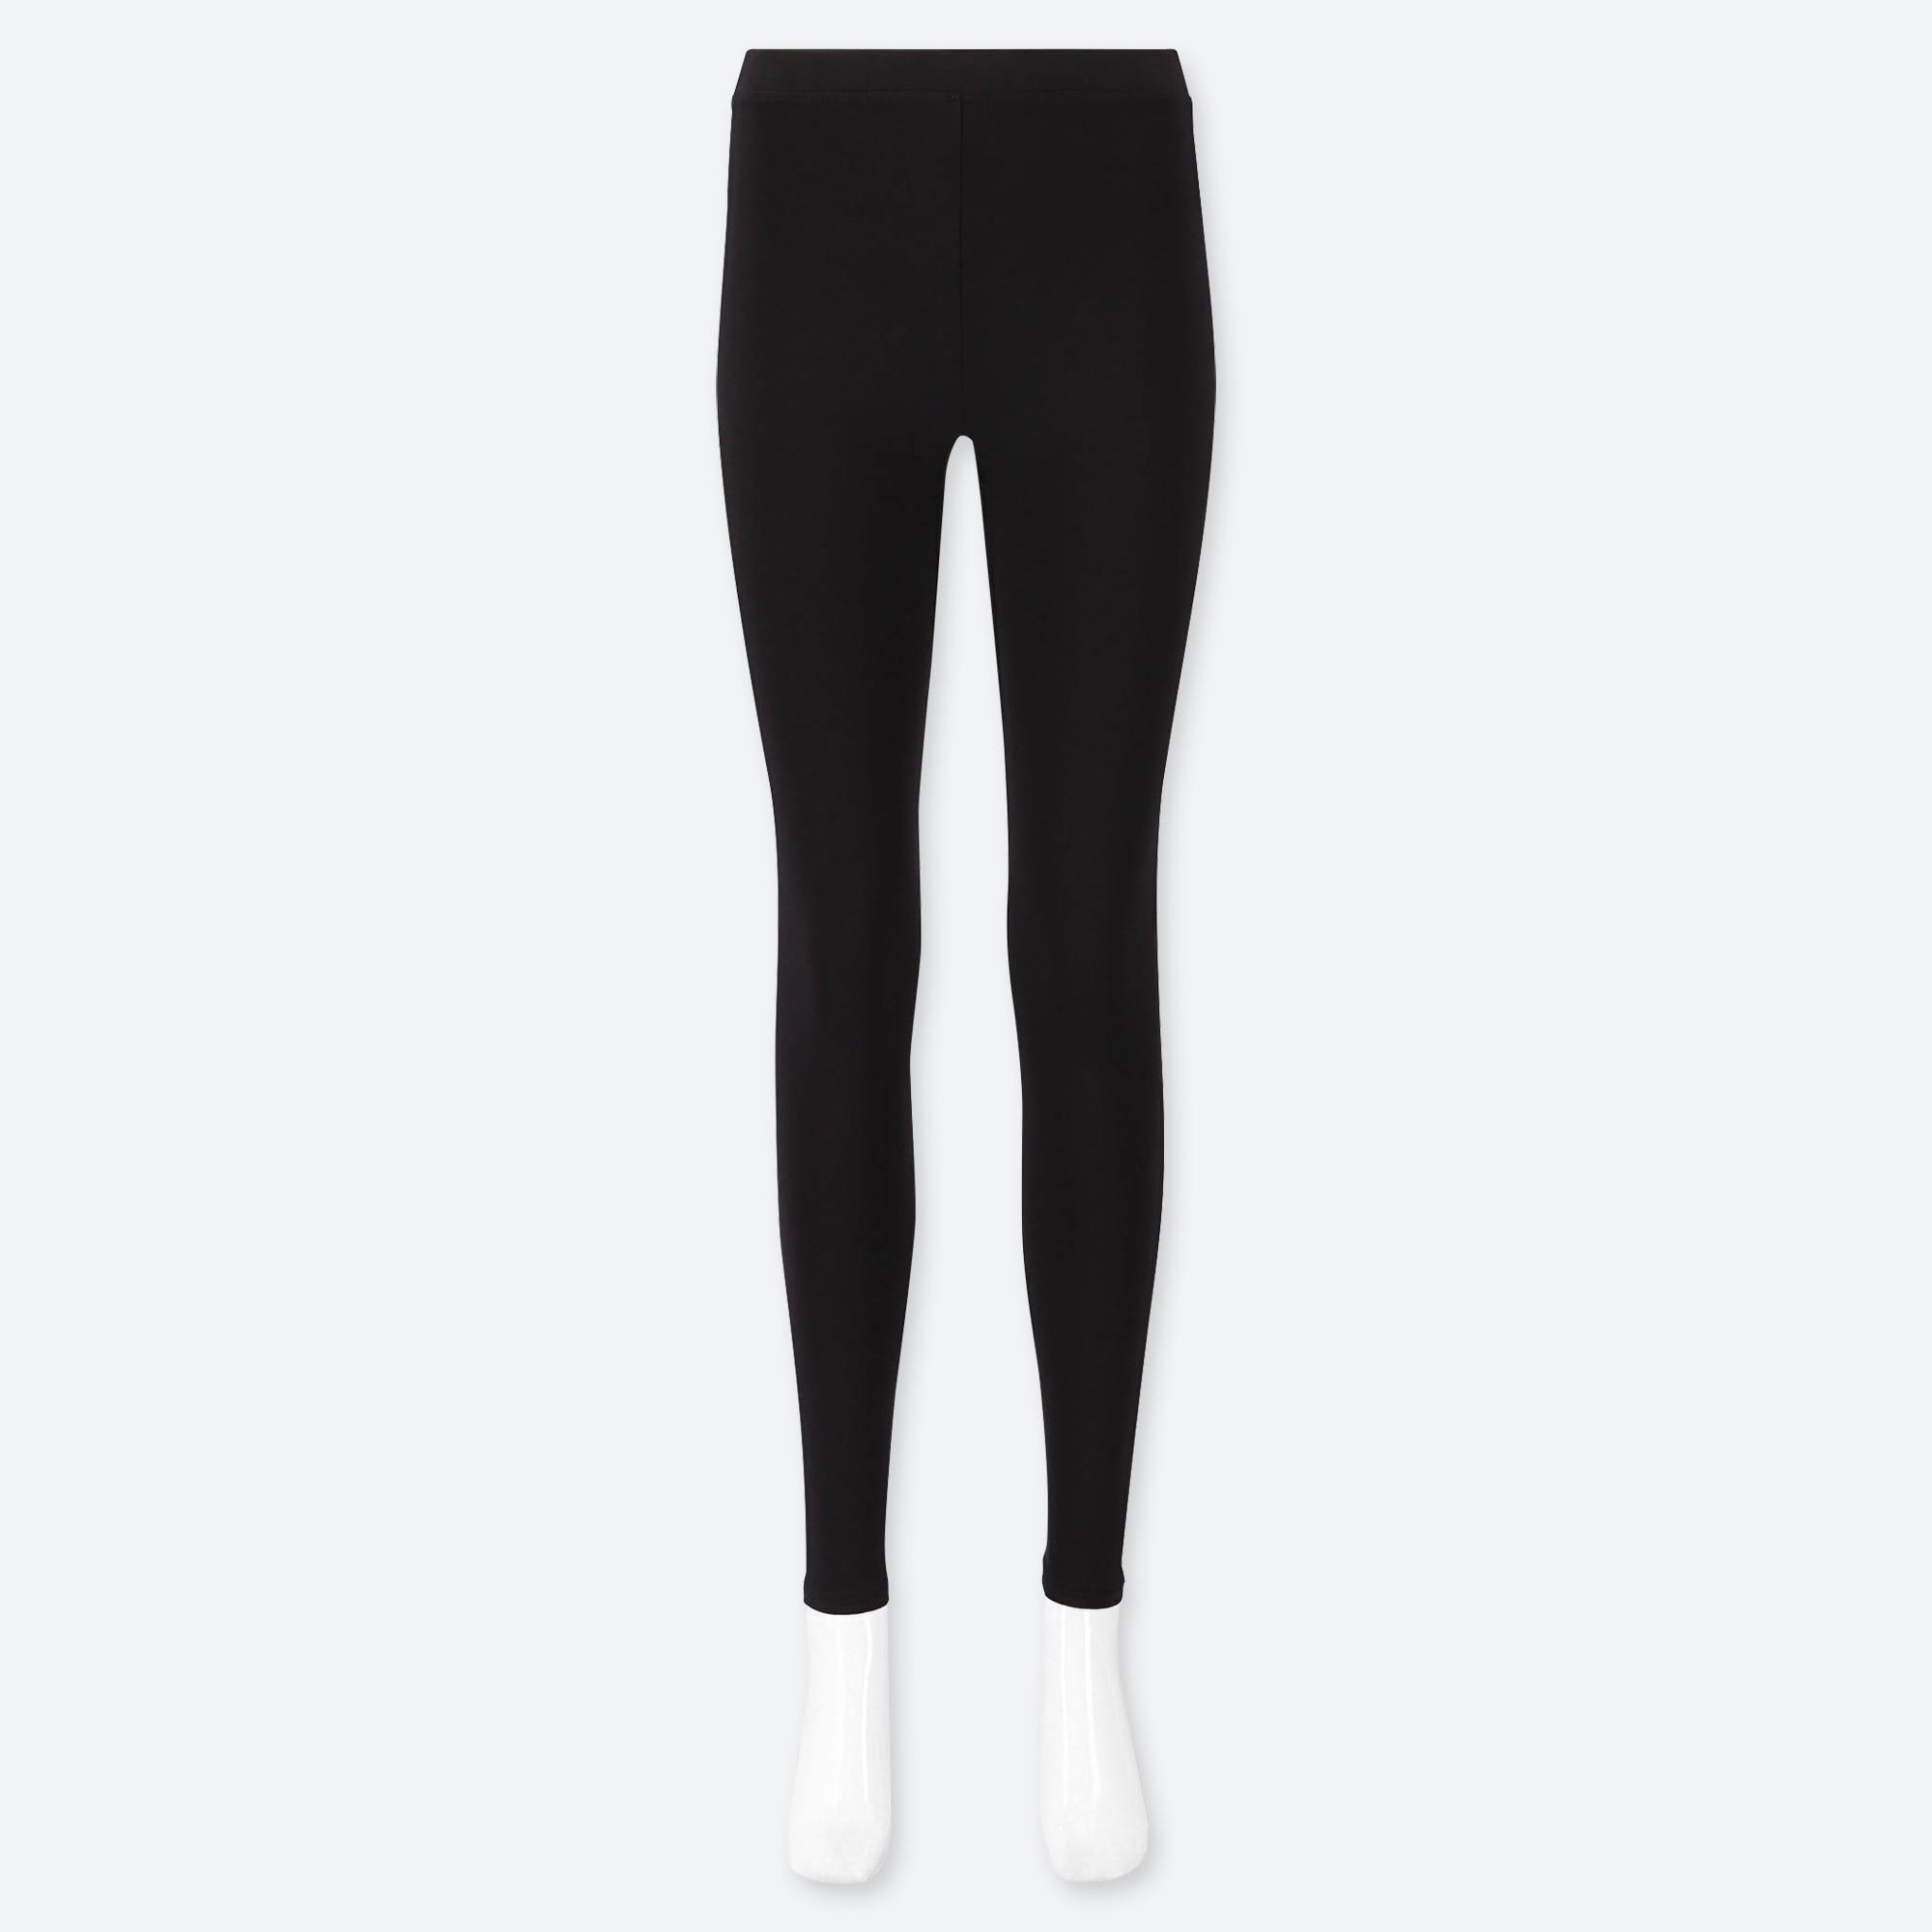 women HEATTECH extra warm leggings